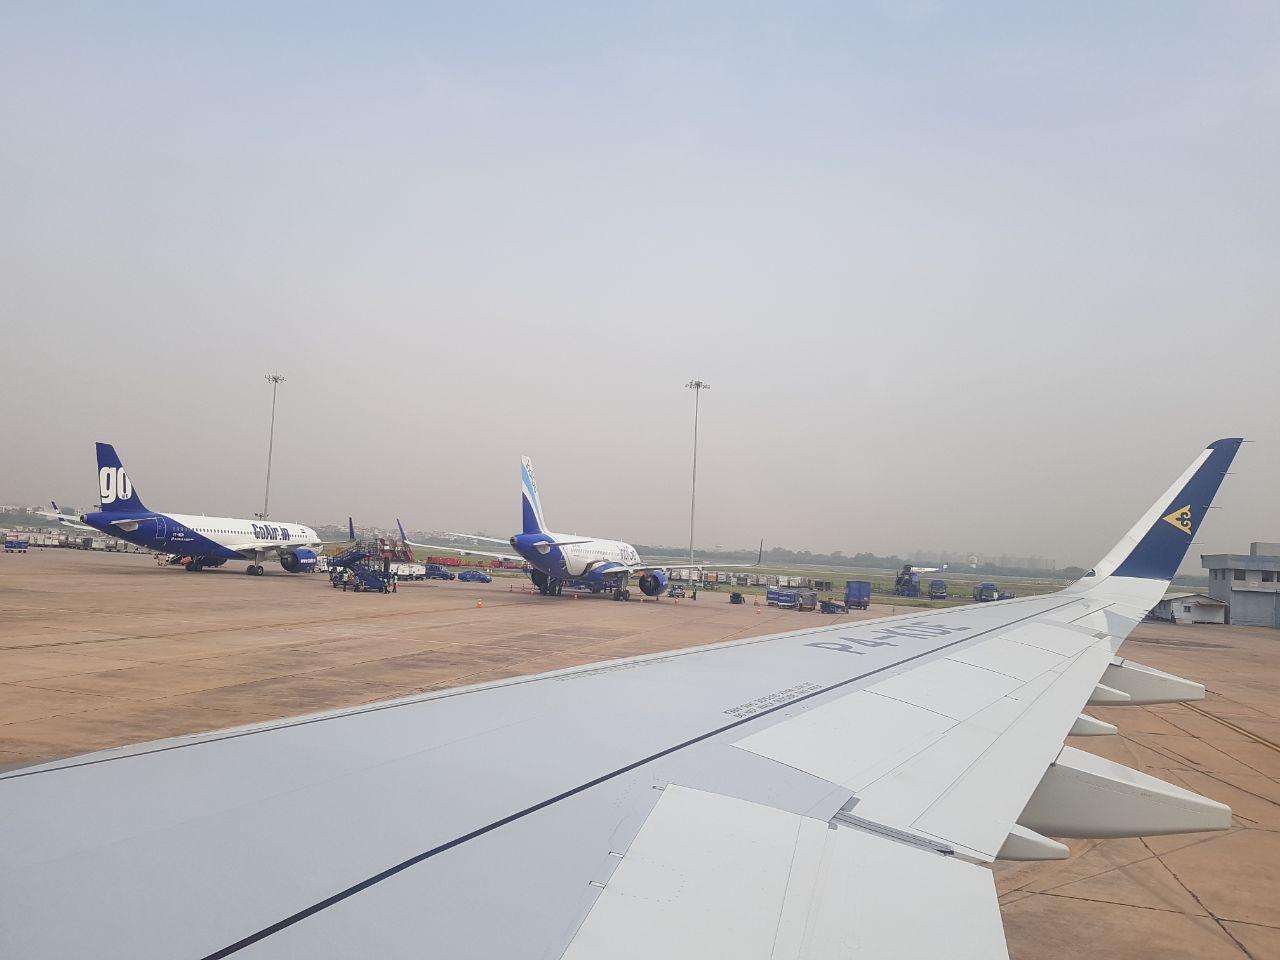 Аэропорт Дели, и местные авиакомпании, в частности Go Air In, это аналог нашей Победы